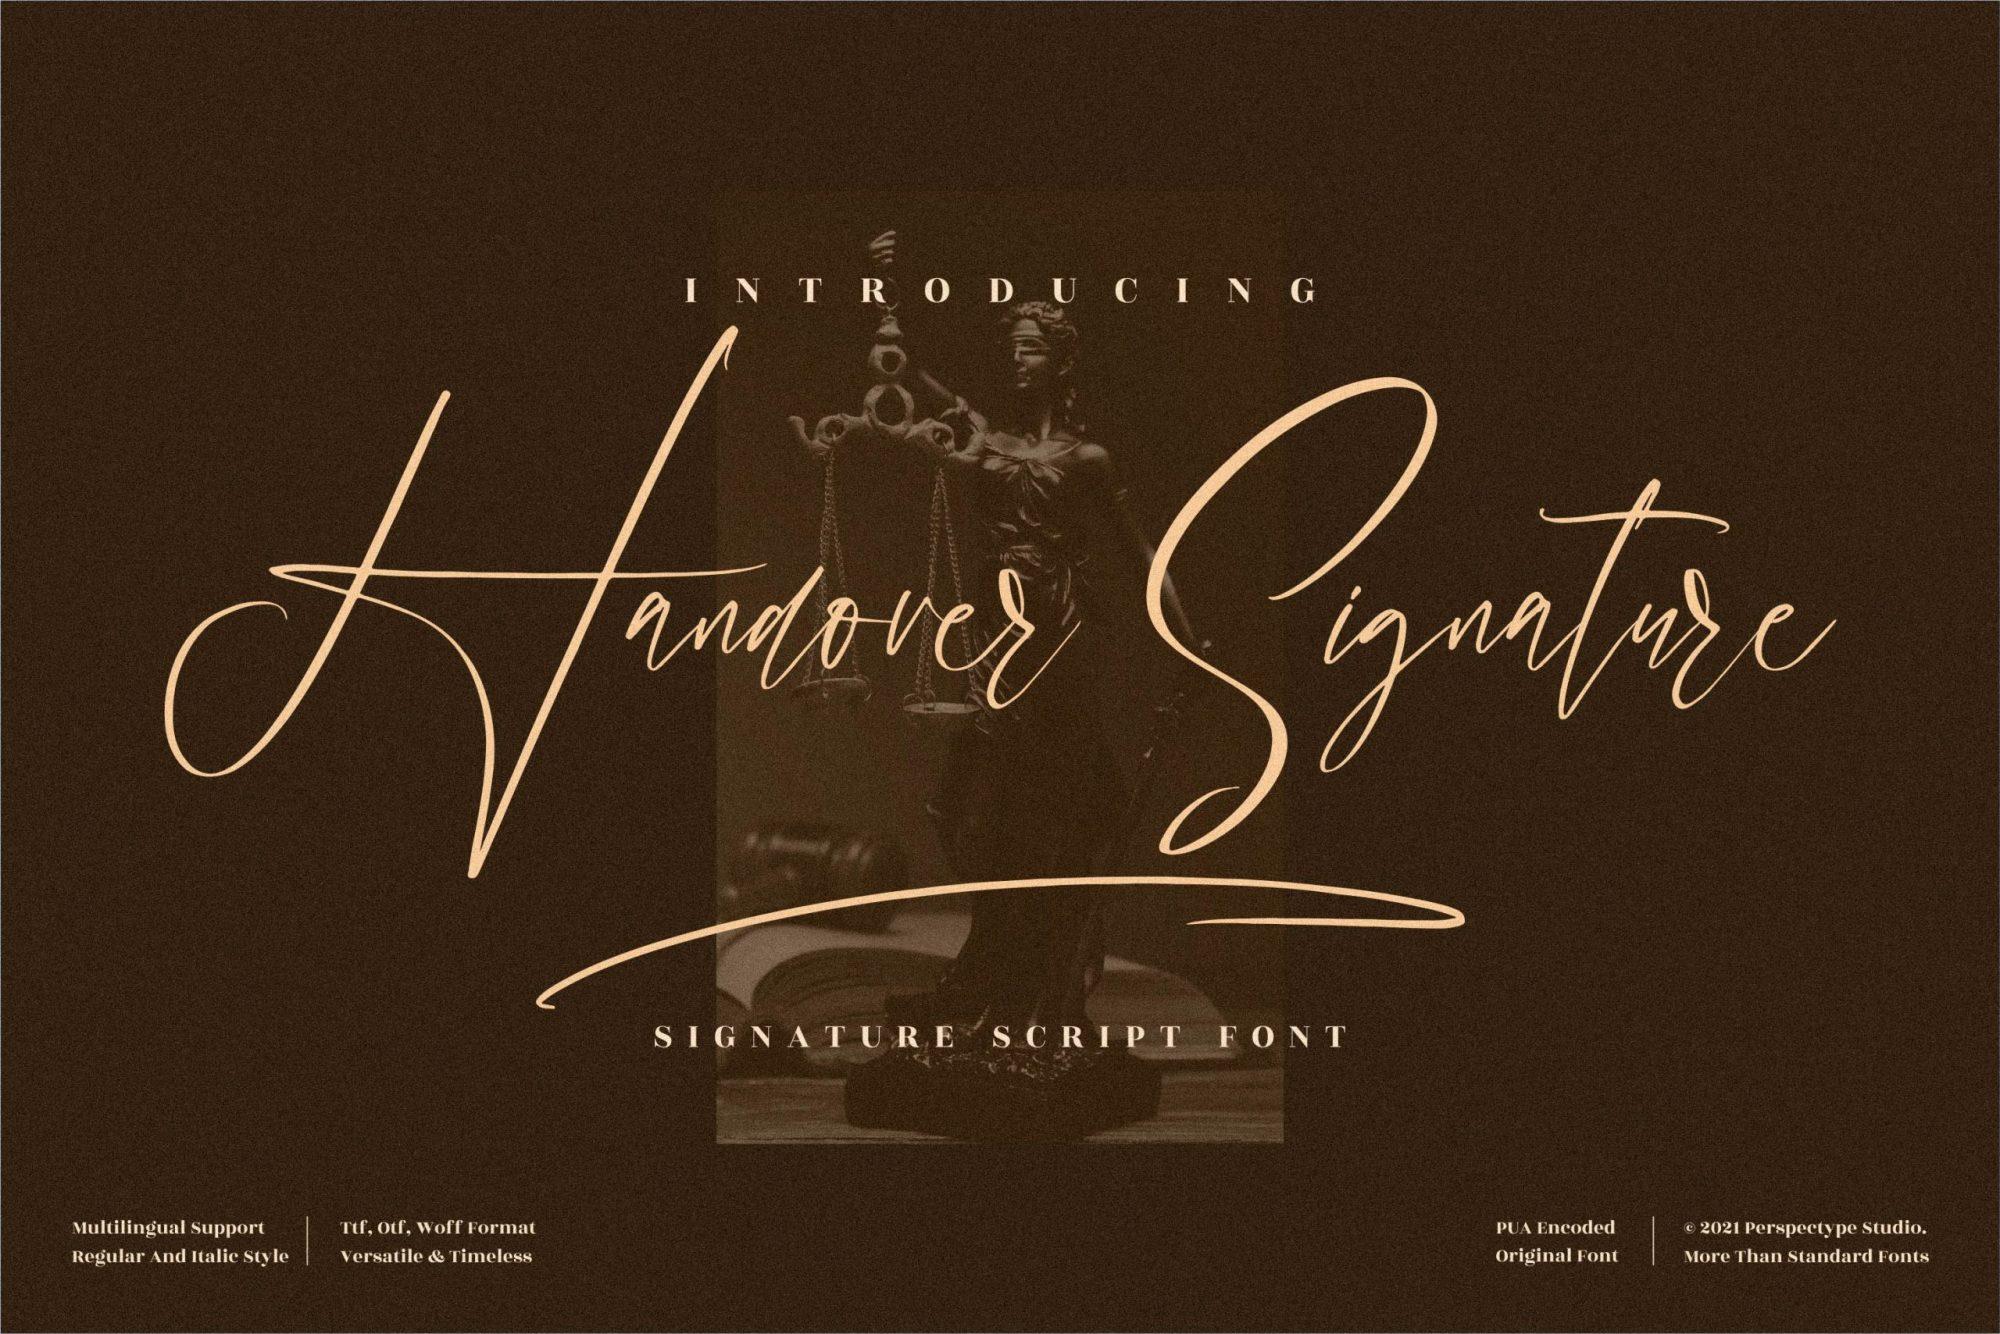 Handover-Signature-Font